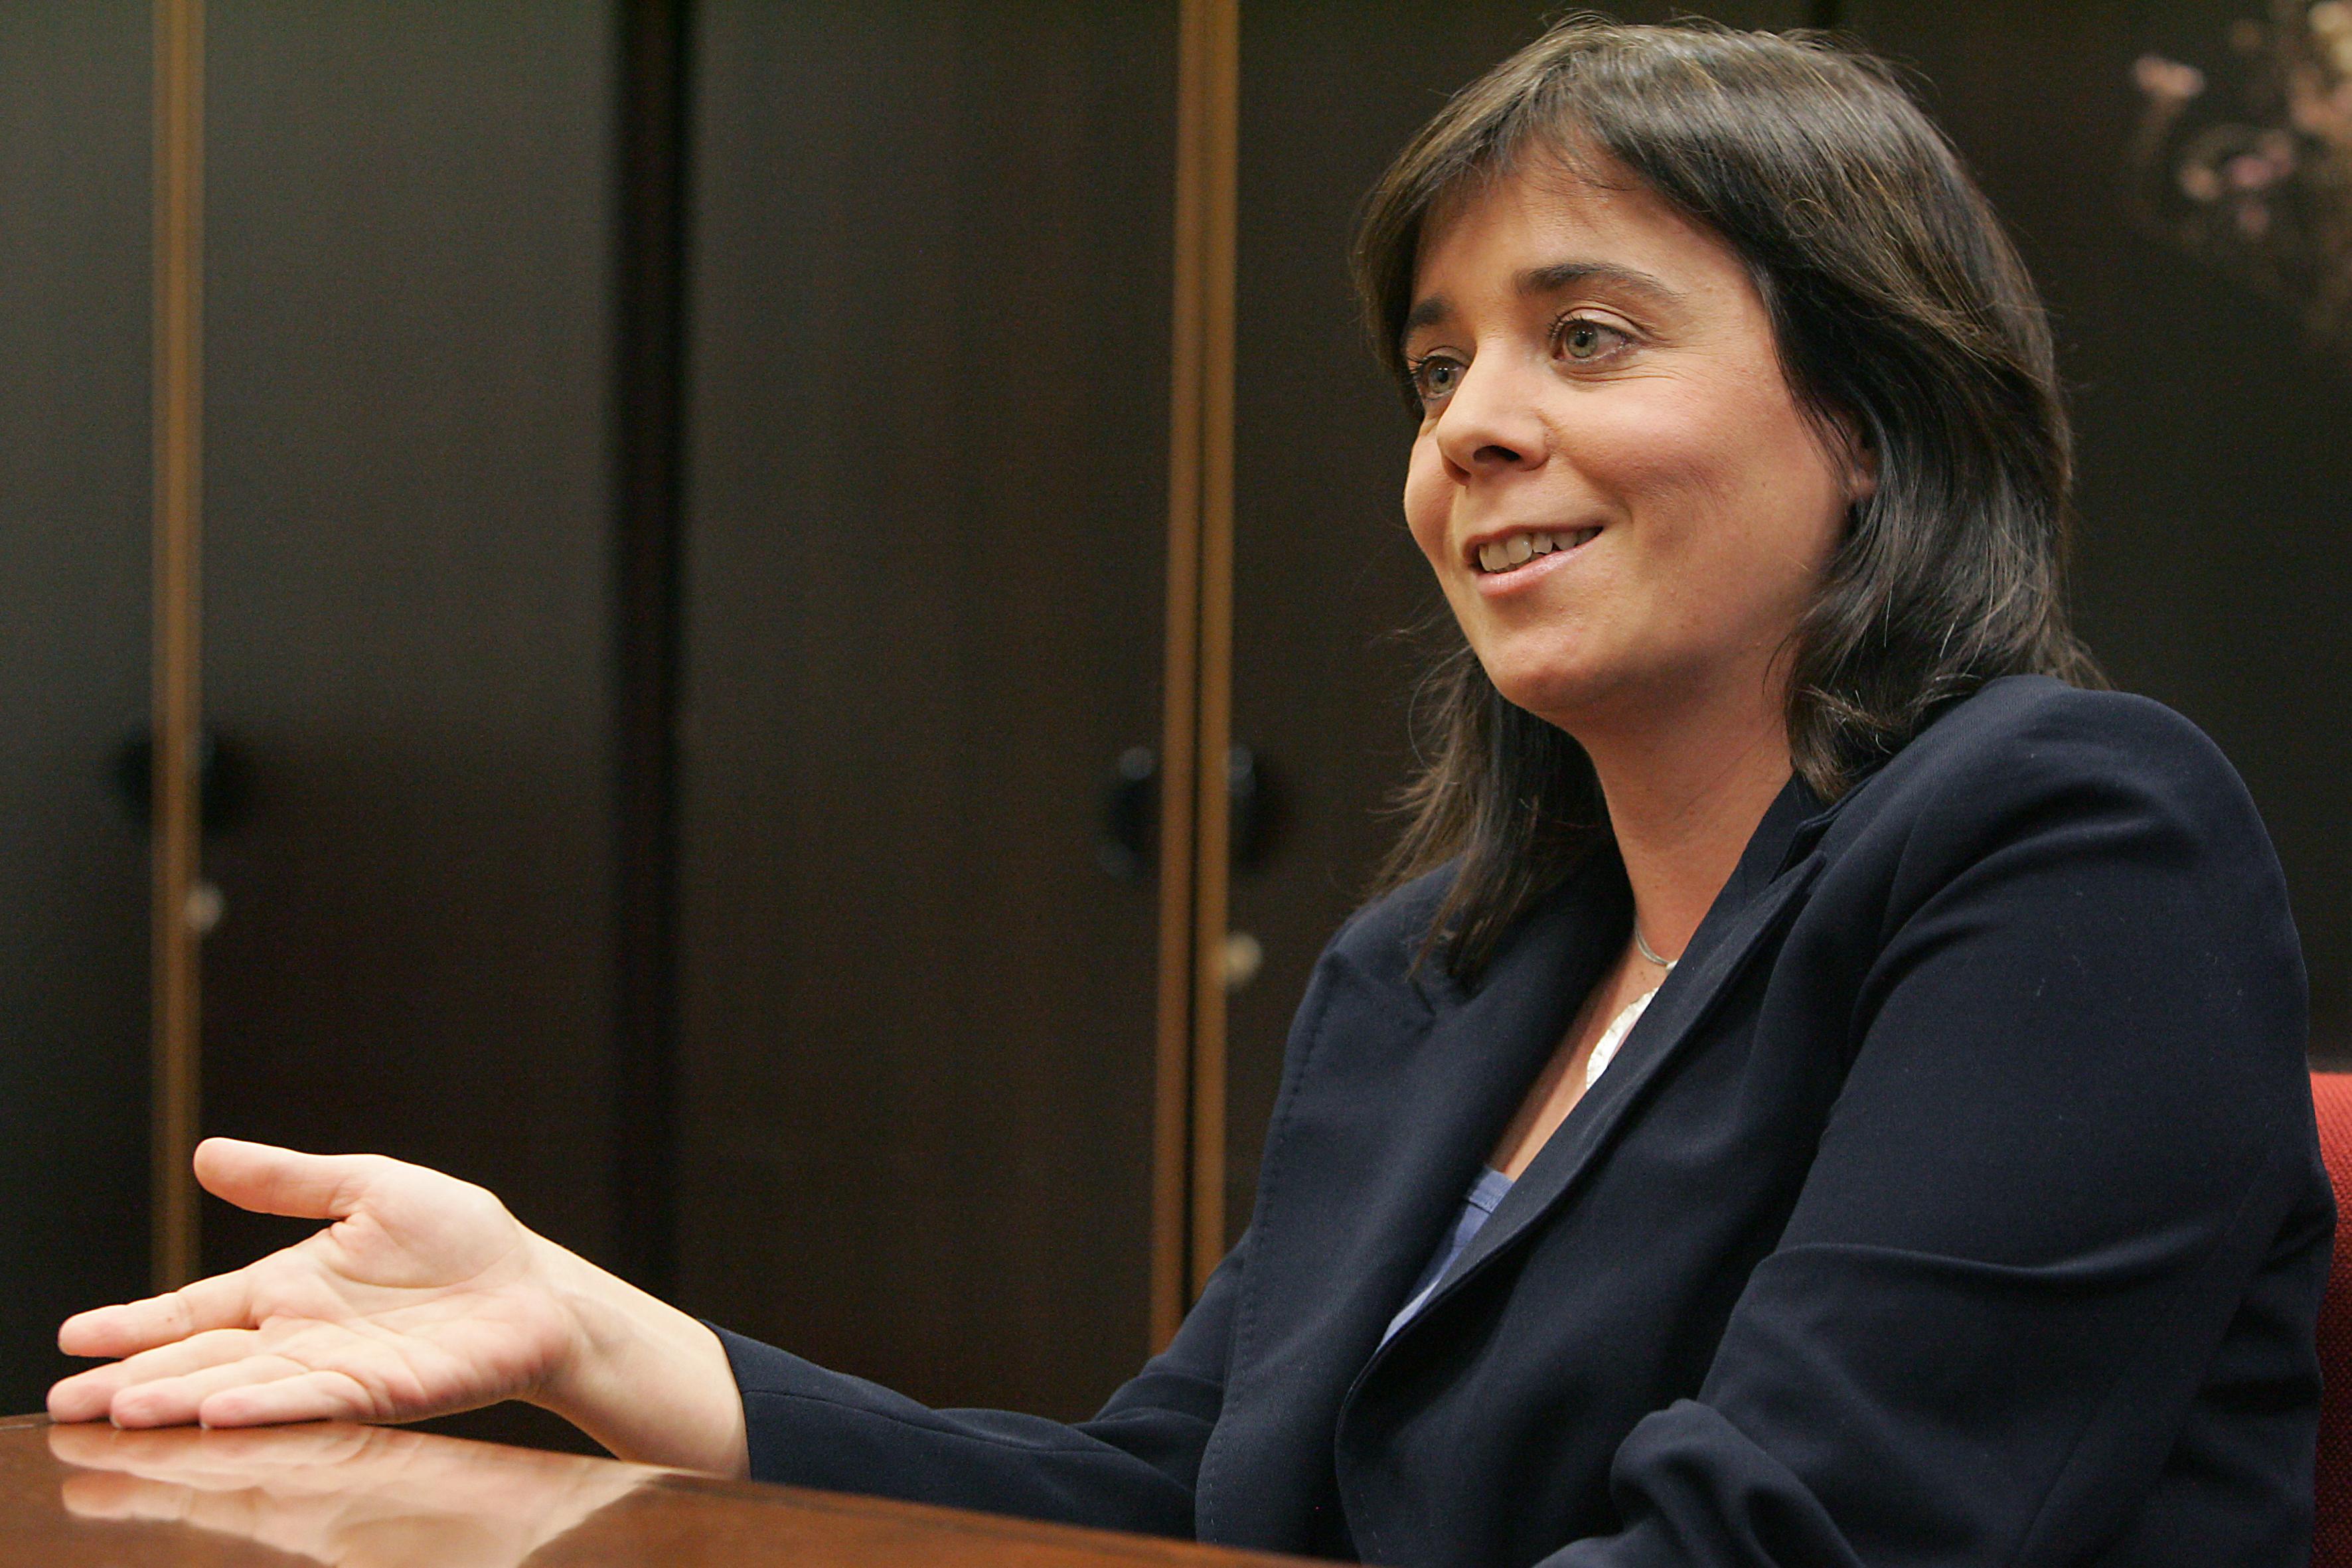 PSD e BE não querem levar Programa de Estabilidade a votos